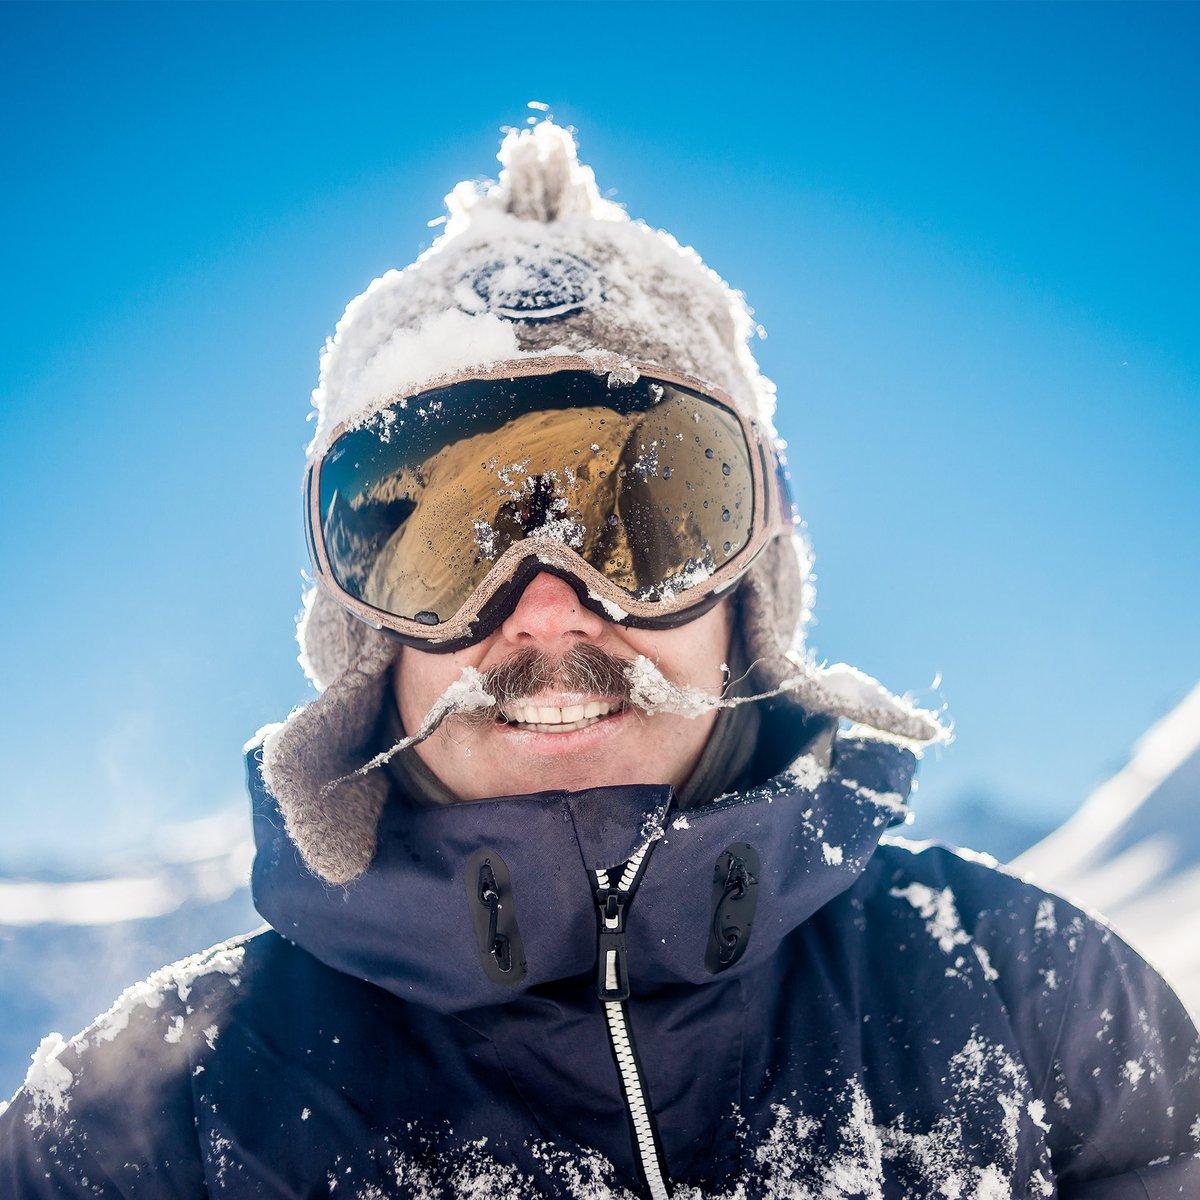 julbo  rancho  ski  goggles  julboathlete https   t.co xaBn8iKYgT 9412a341af28